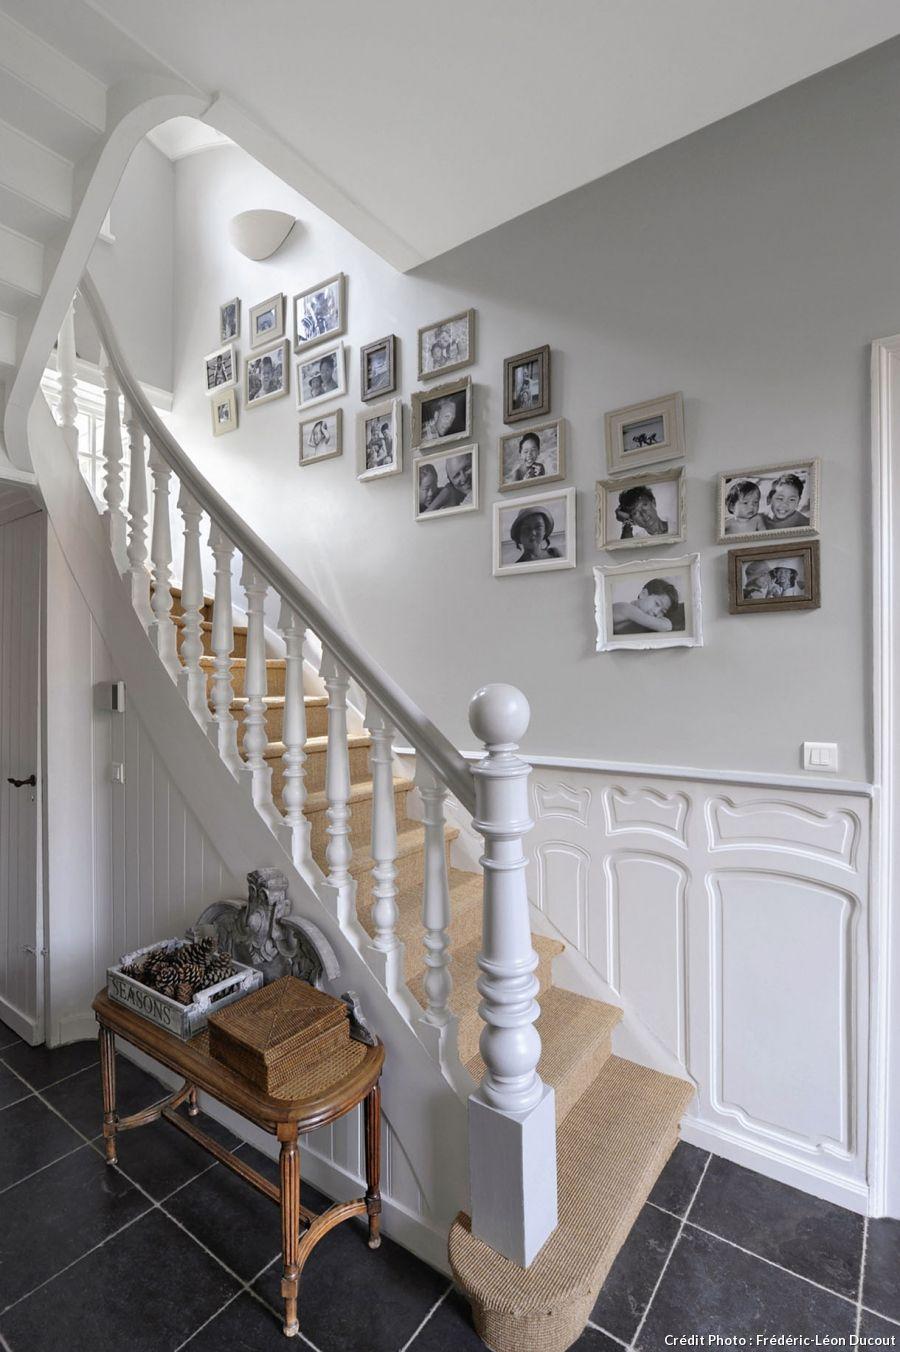 rampe d 39 escalier blanc avec photos decora o em escadas. Black Bedroom Furniture Sets. Home Design Ideas